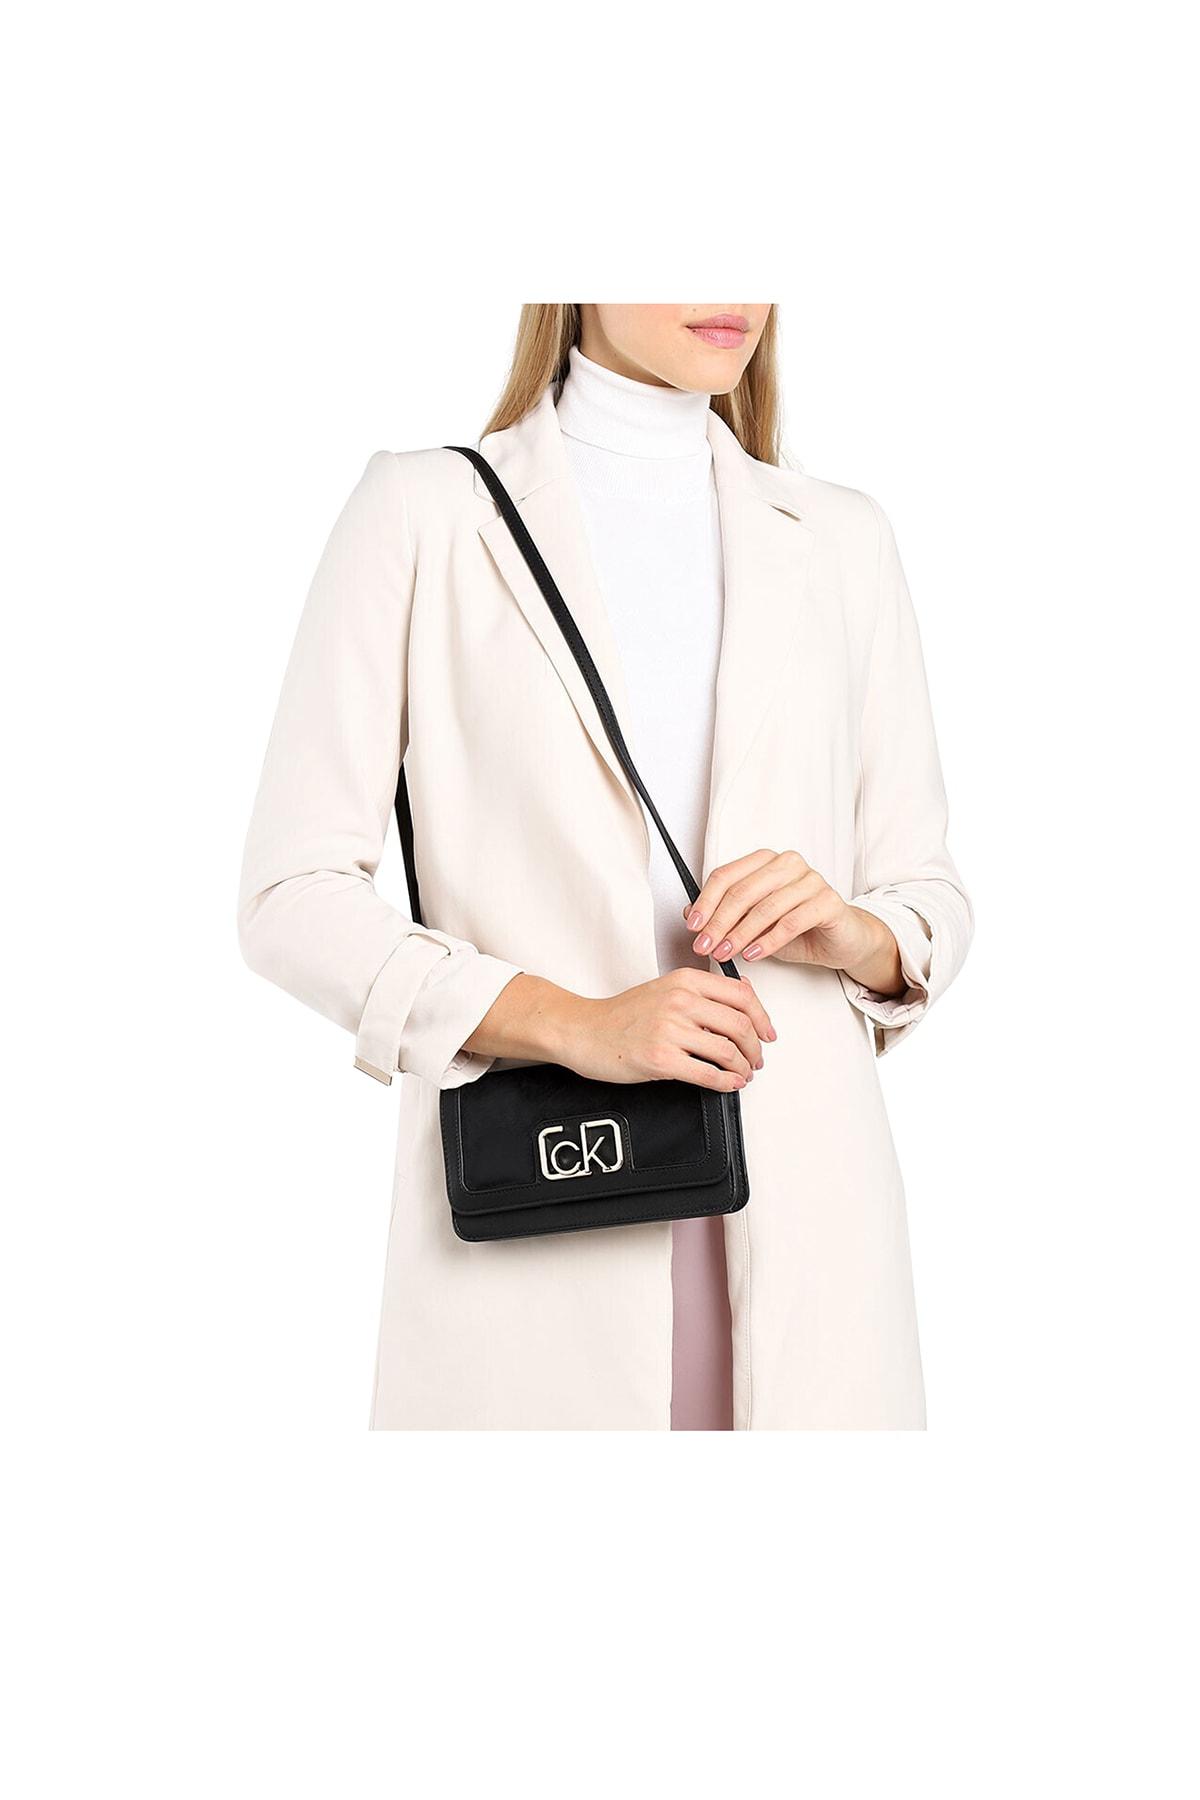 Calvin Klein Kadın Siyah Logo Baskılı Çanta K60k607118 2